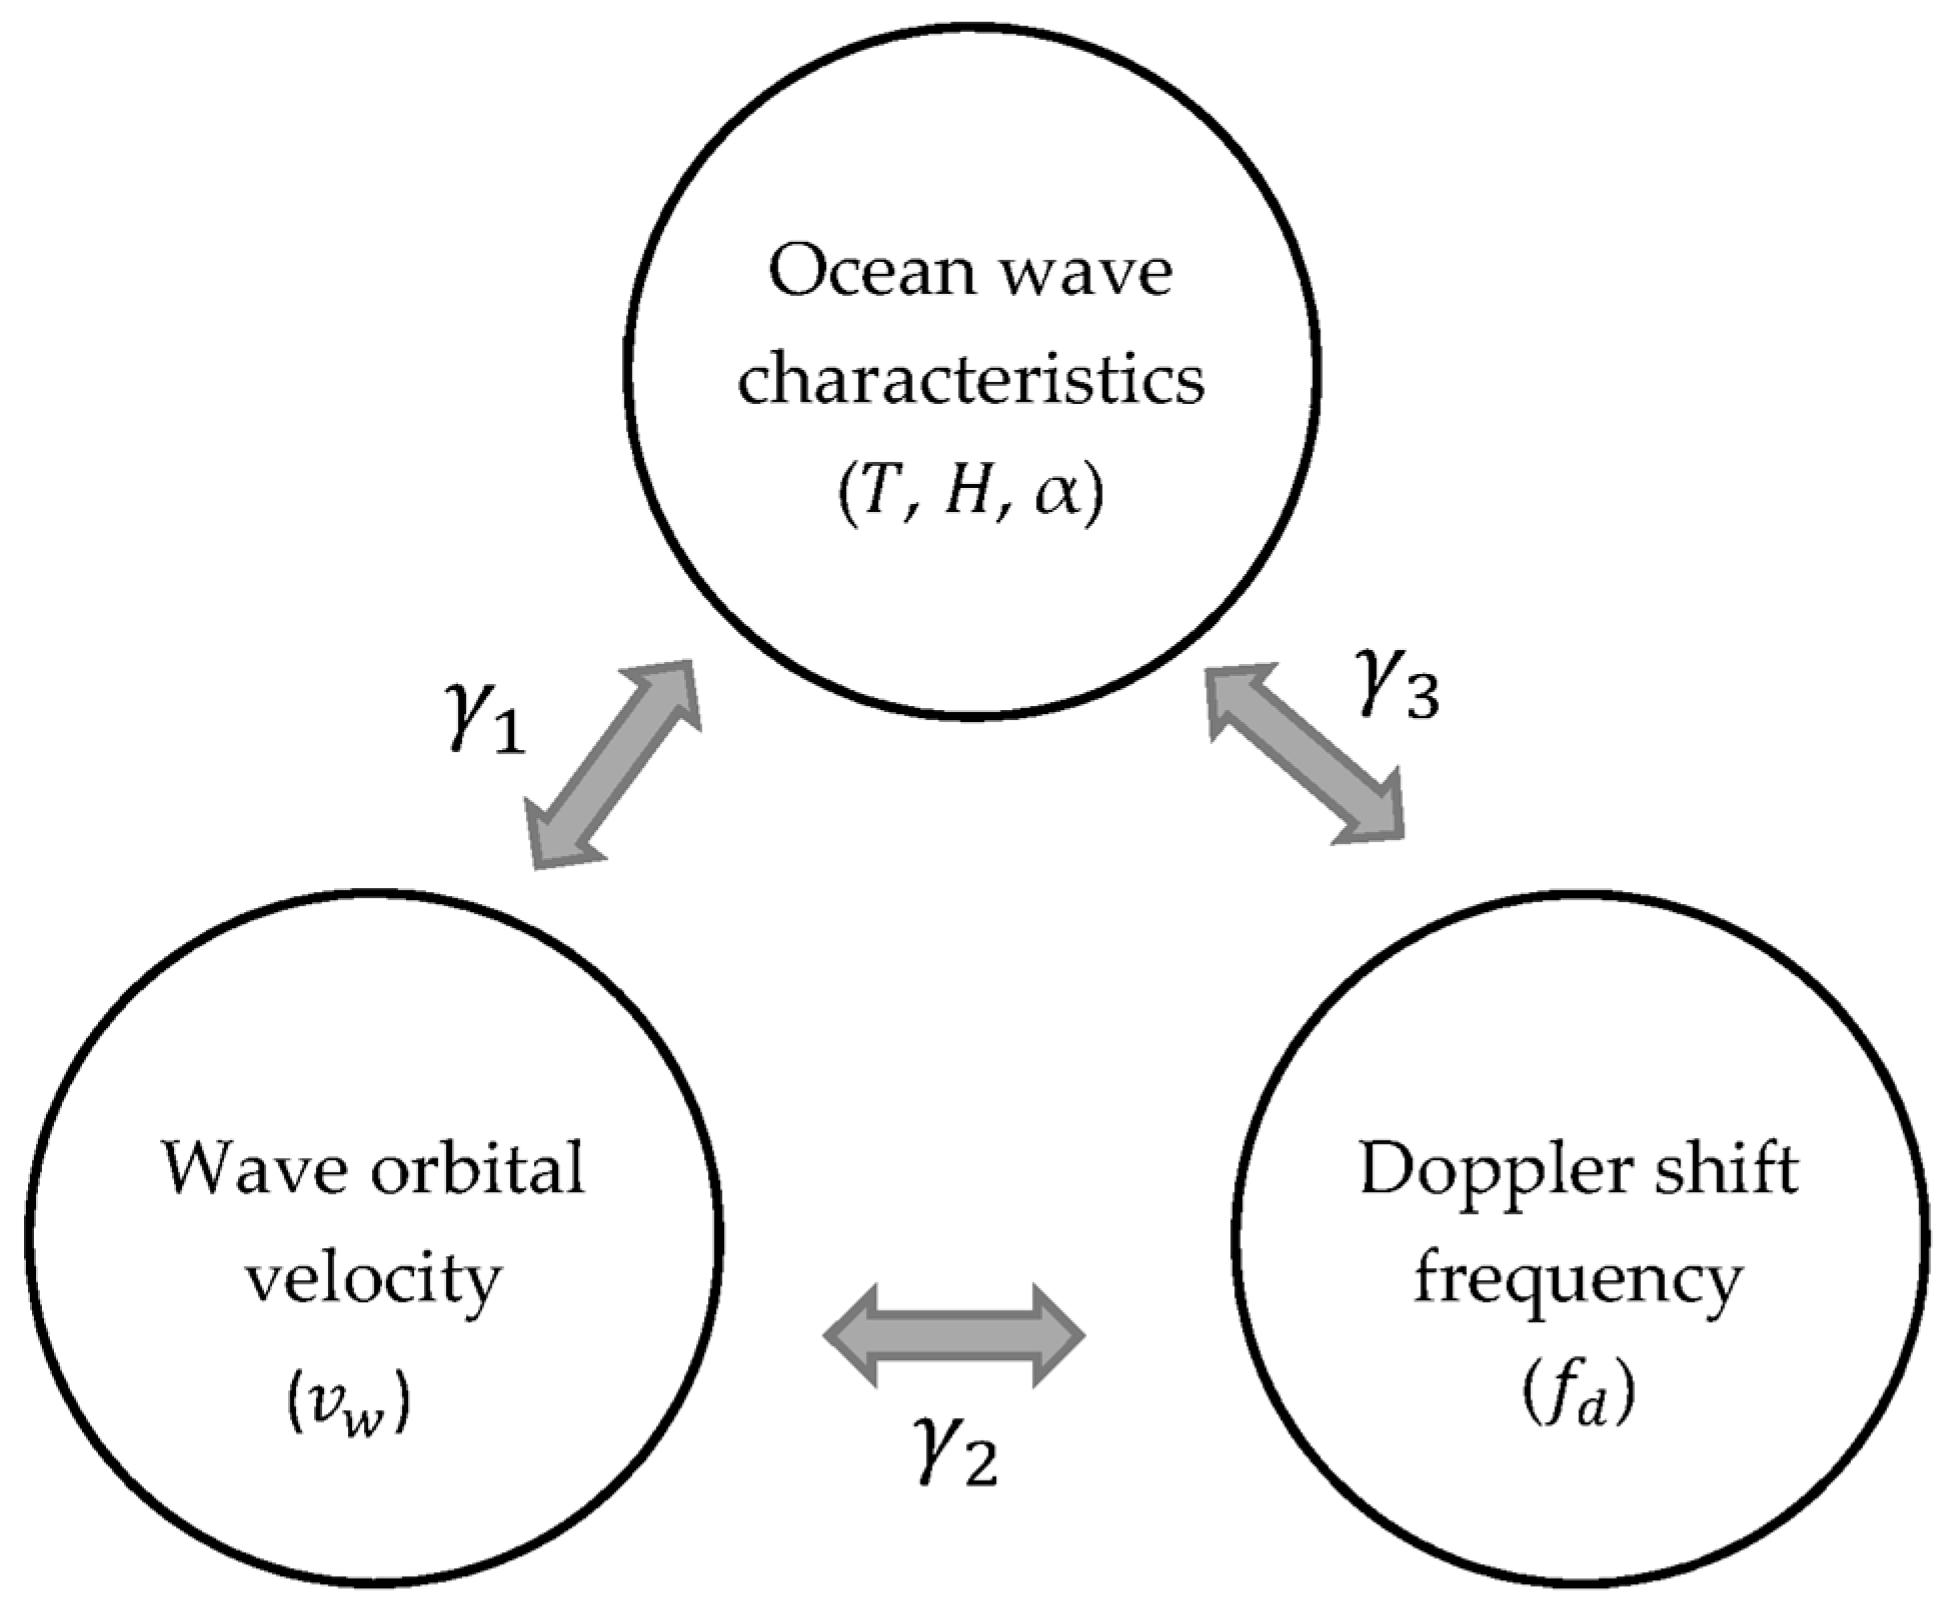 Remote Sensing Free Full Text Ocean Wave Measurement Using Short 25 Metres Range Am Transmitter Remotesensing 10 01242 G001